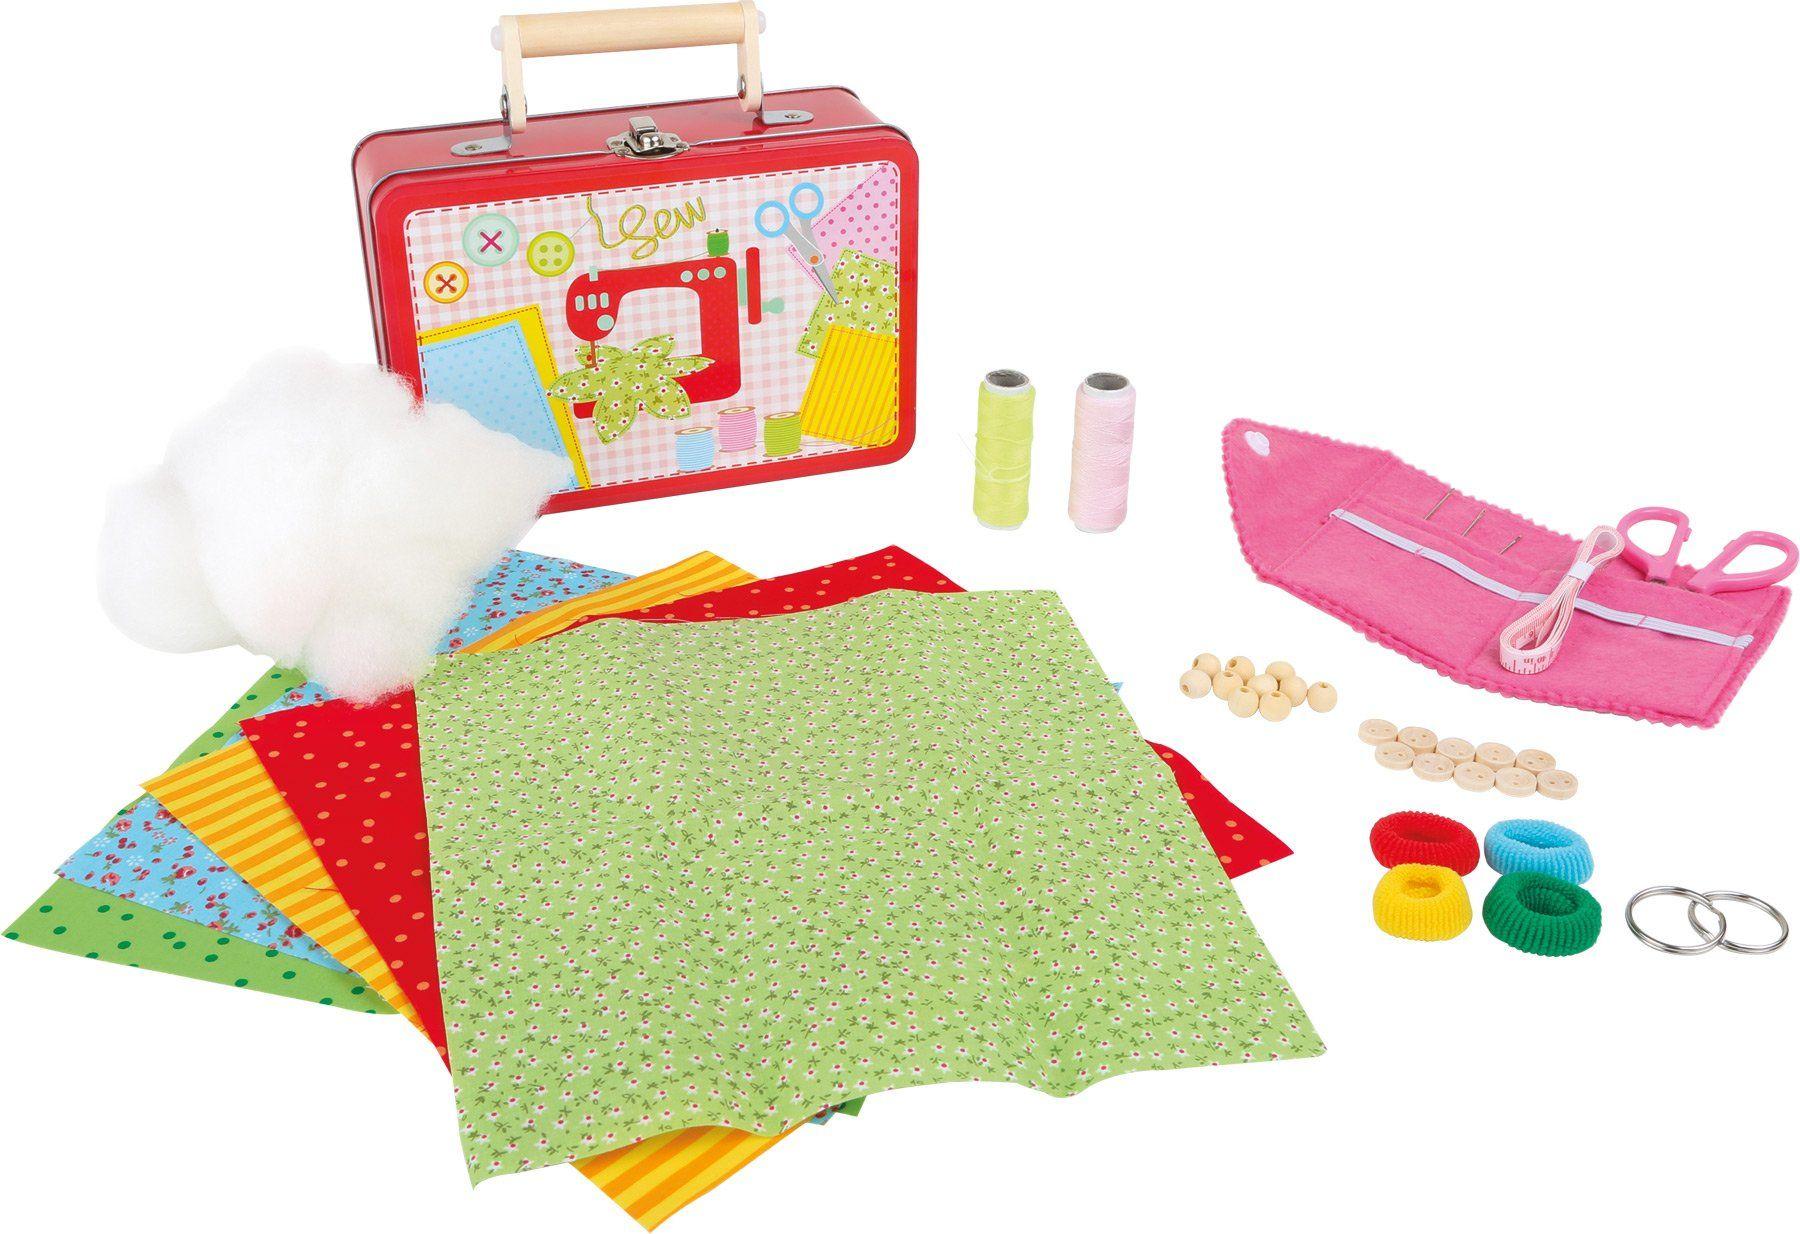 mała stopka 3921 zestaw do zabawy dla dzieci do szycia w walizce, w tym tkaniny, nożyczki, igły, guziki i koraliki wykonane z drewna